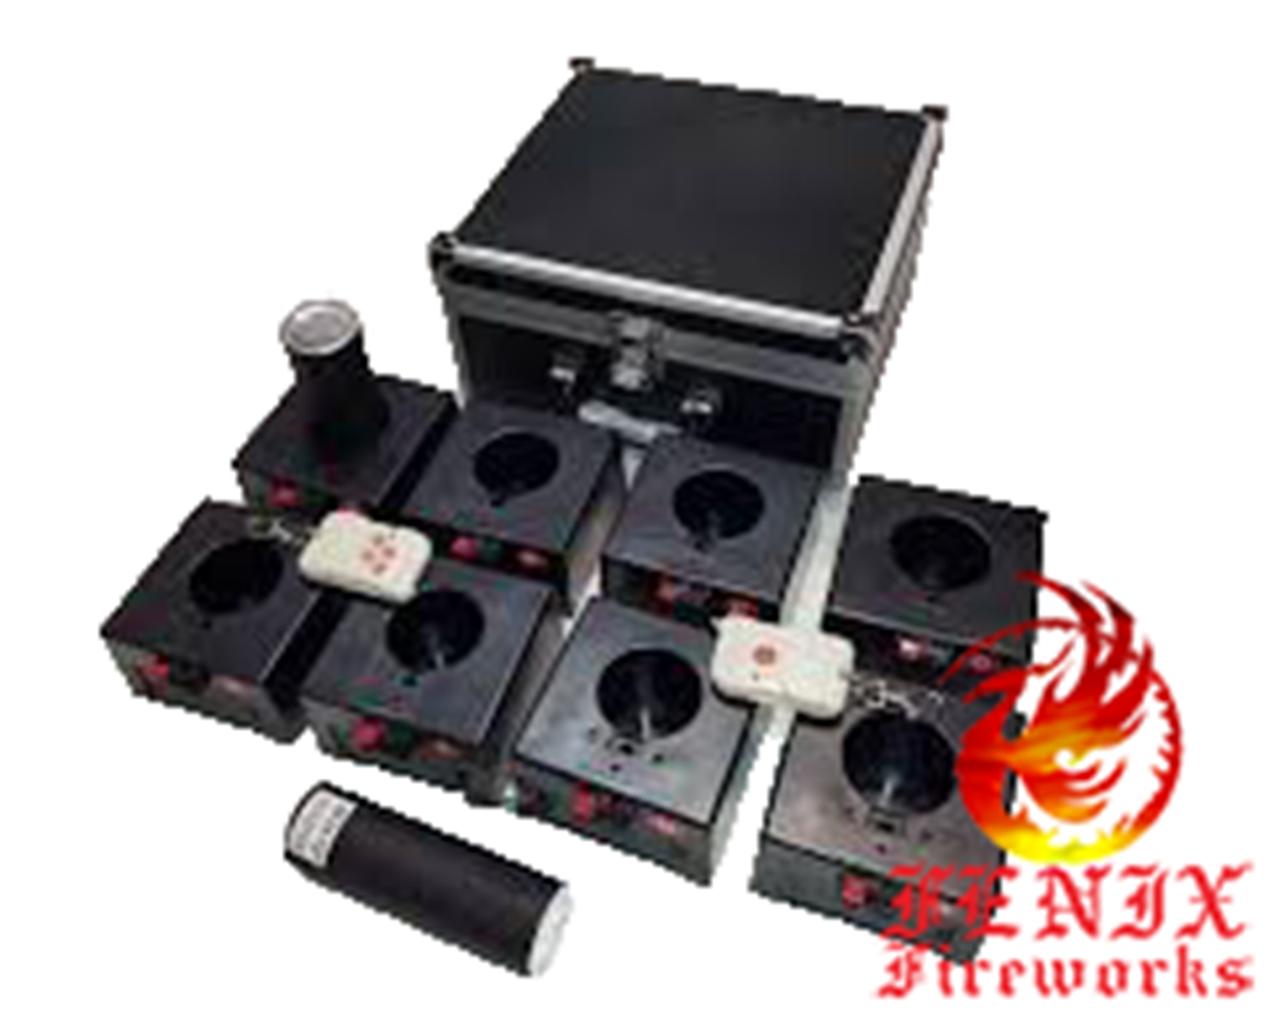 Пульт для запуска сценических фонтанов на дистанционном управлении (8 стаканов, каналов)